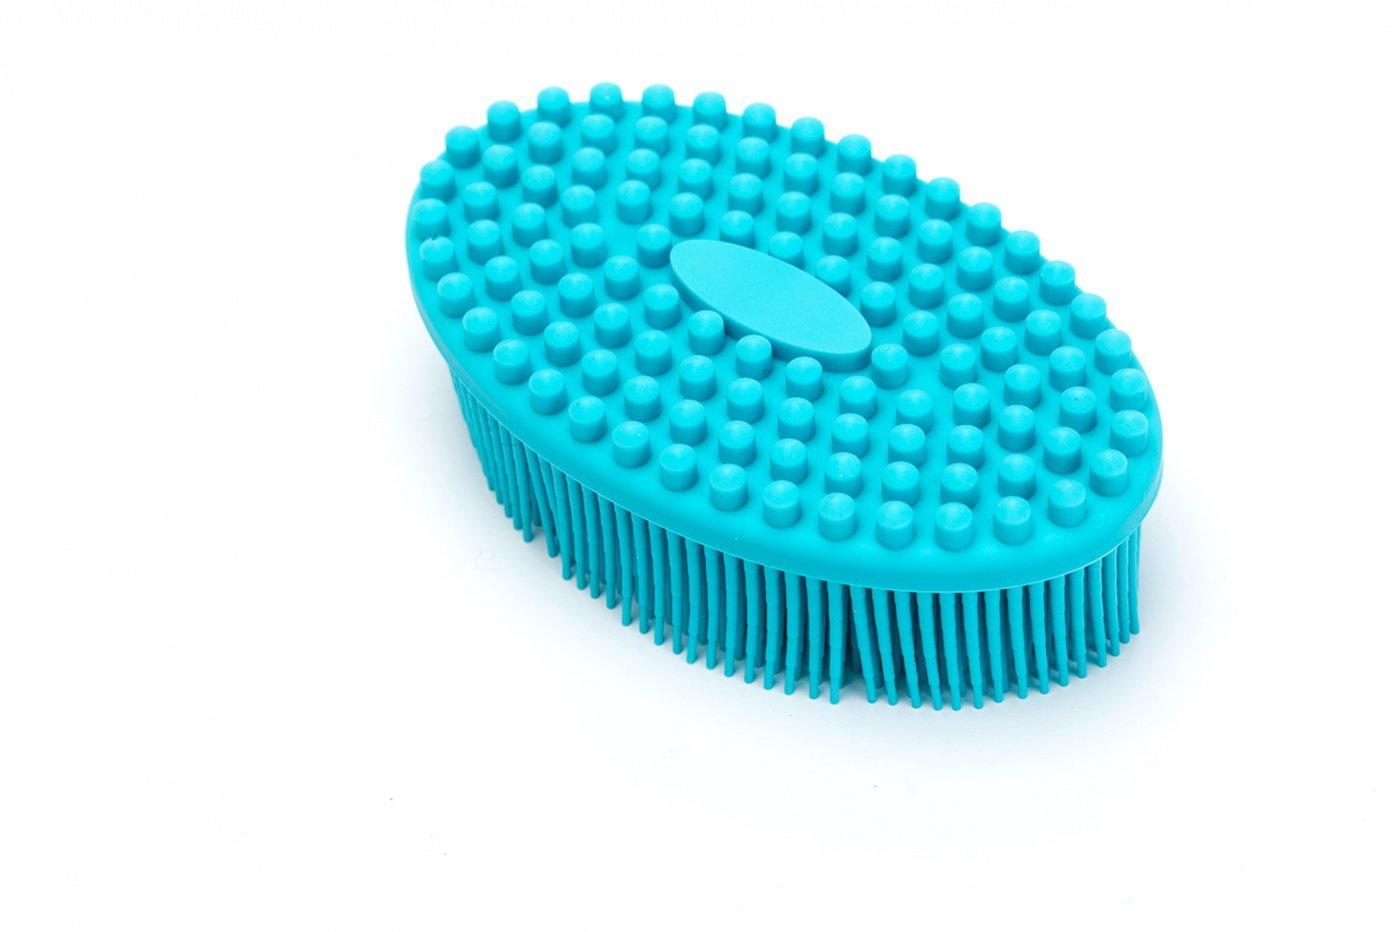 Щетка массажная для тела Bradex «Актиния», KZ 0458, голубой щетка массажная bradex для тела актиния kz 0457 сиреневый